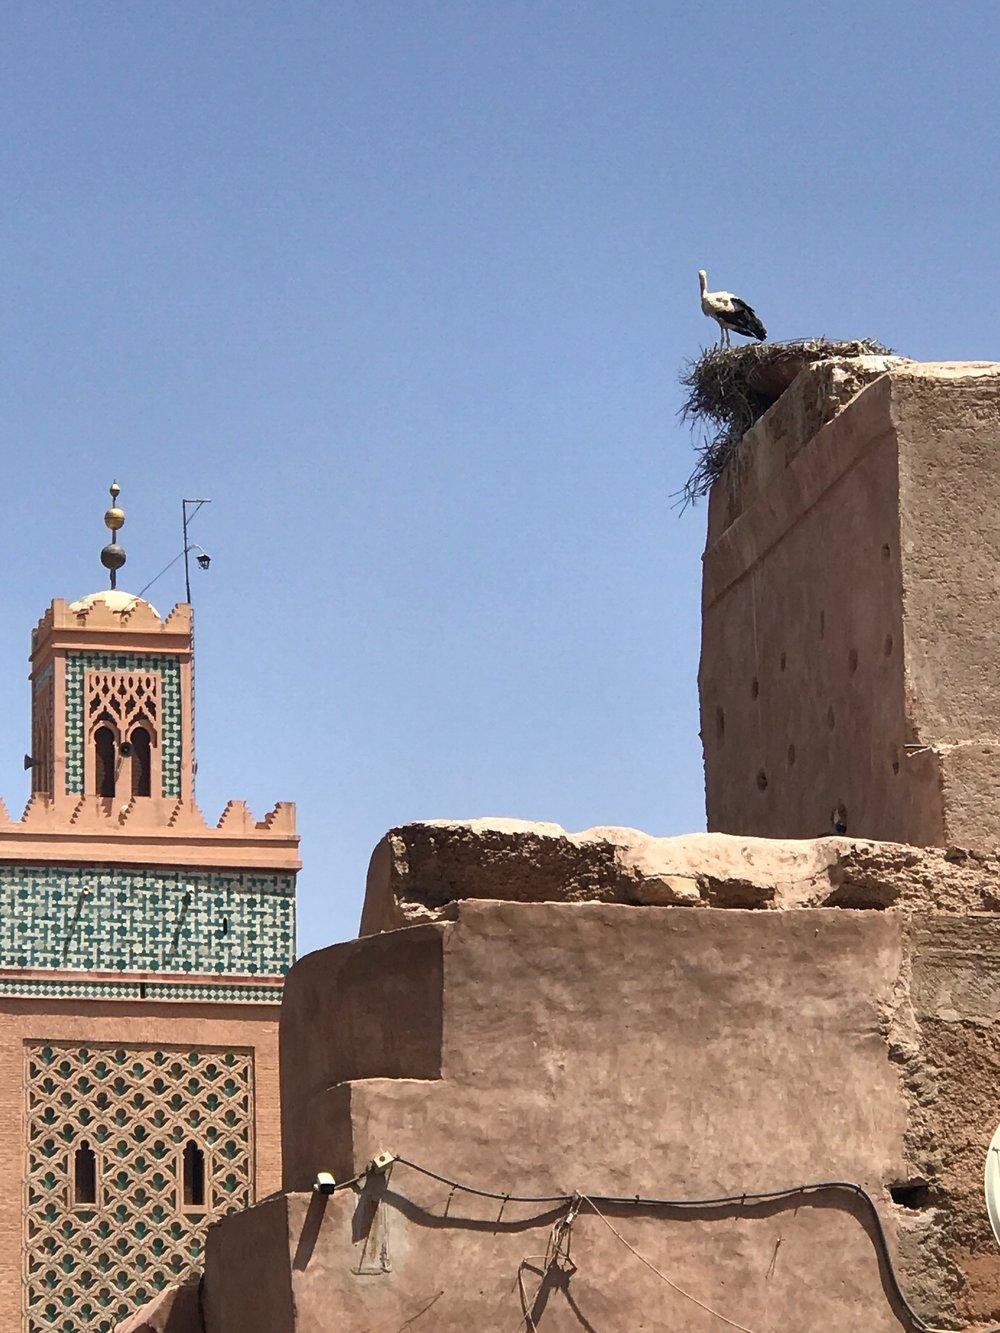 Kig op og få øje på de mange storke i Marrakech